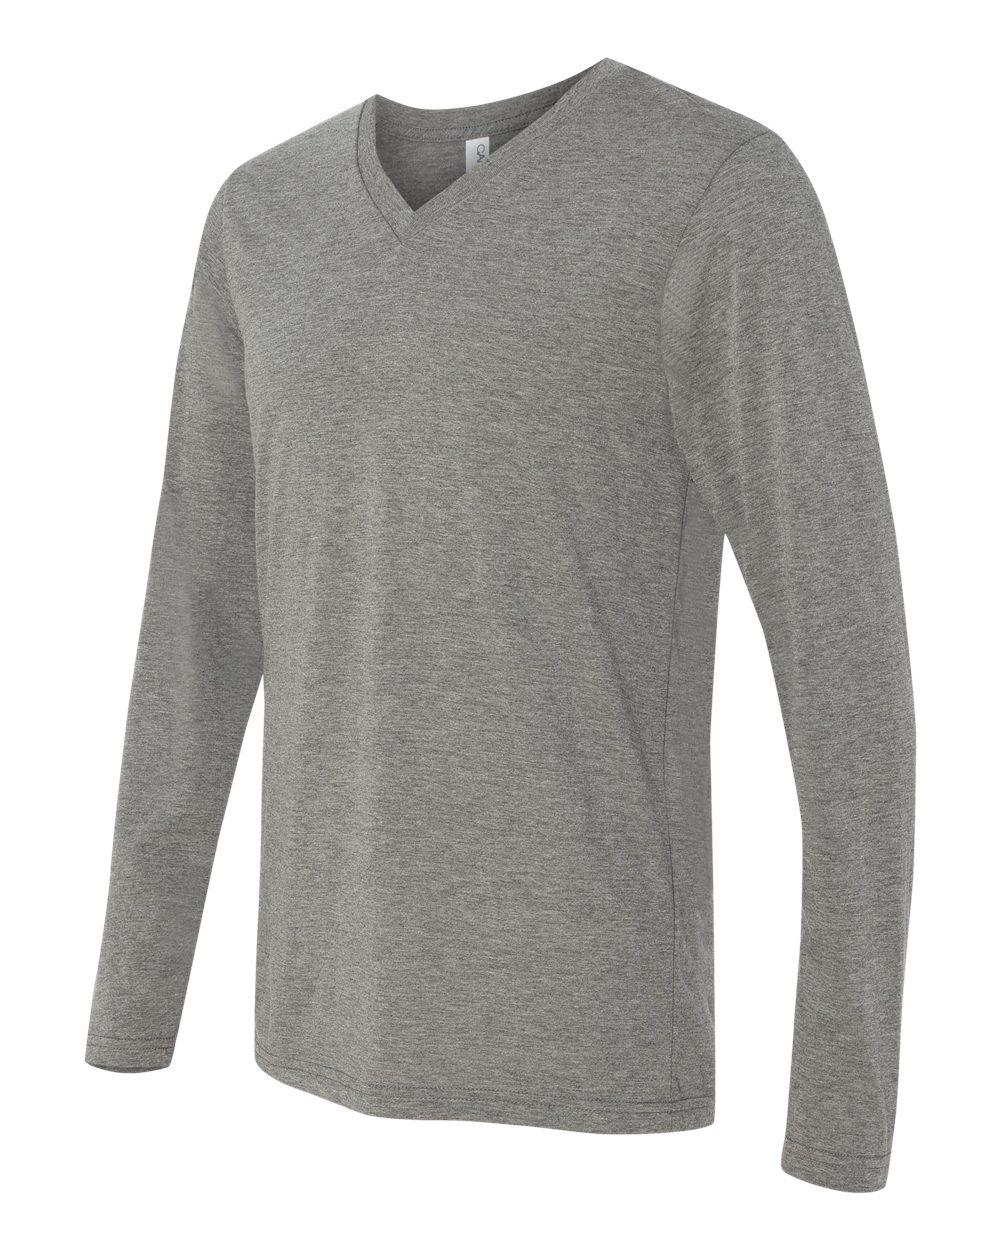 Bella-Canvas-Unisex-Jersey-Long-Sleeve-V-Neck-T-Shirt-3425-XS-2XL thumbnail 6